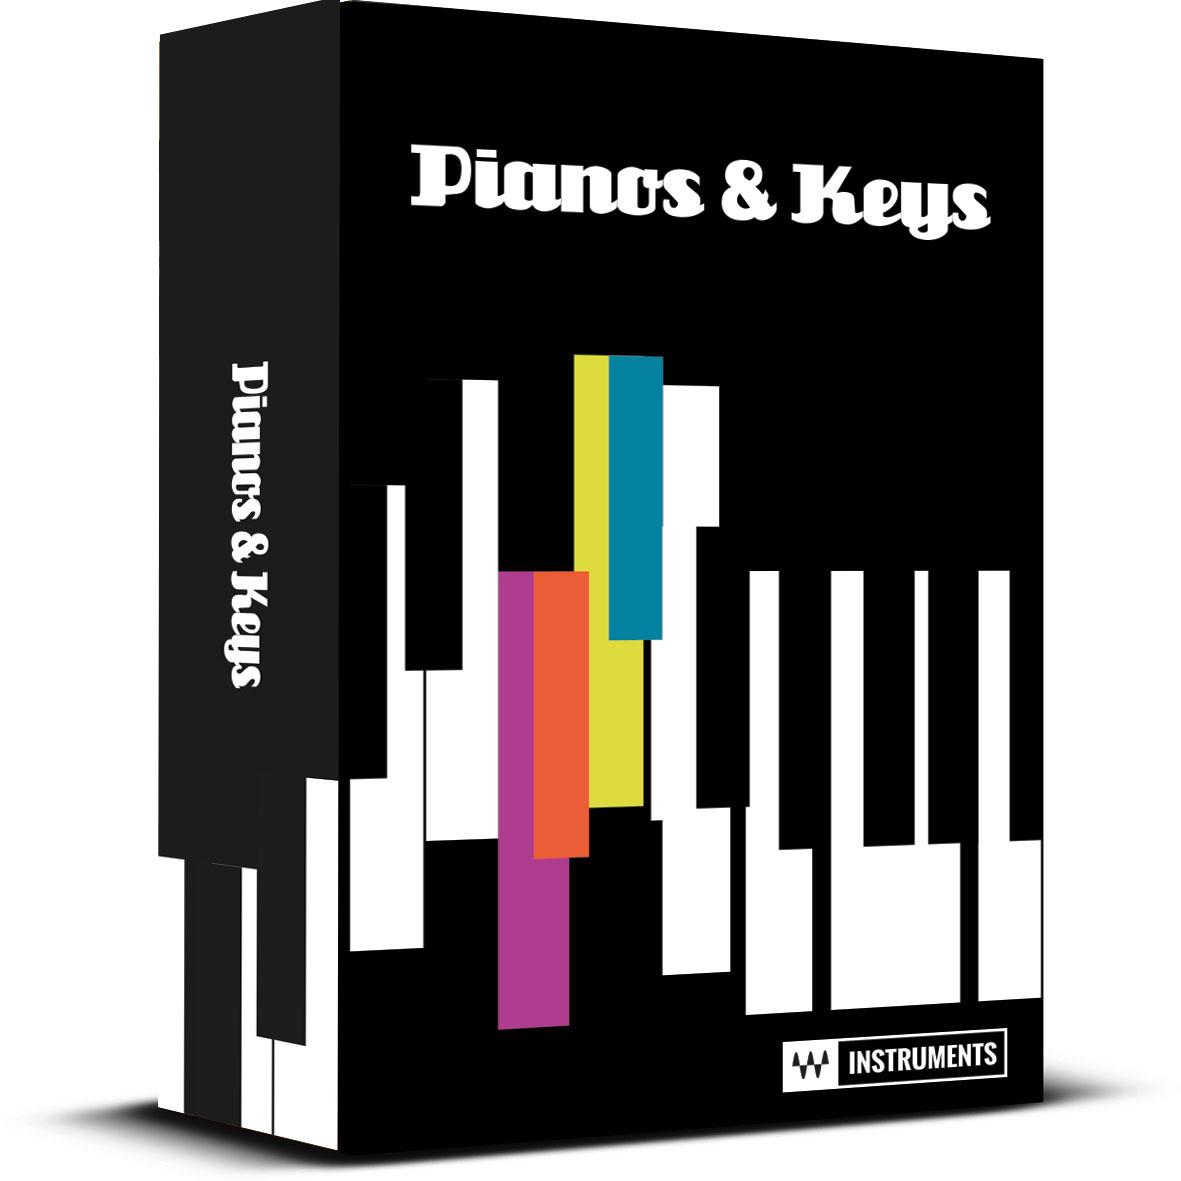 http://www.clynemedia.com/waves/PianosKeysBundle/Waves_Pianos.jpg